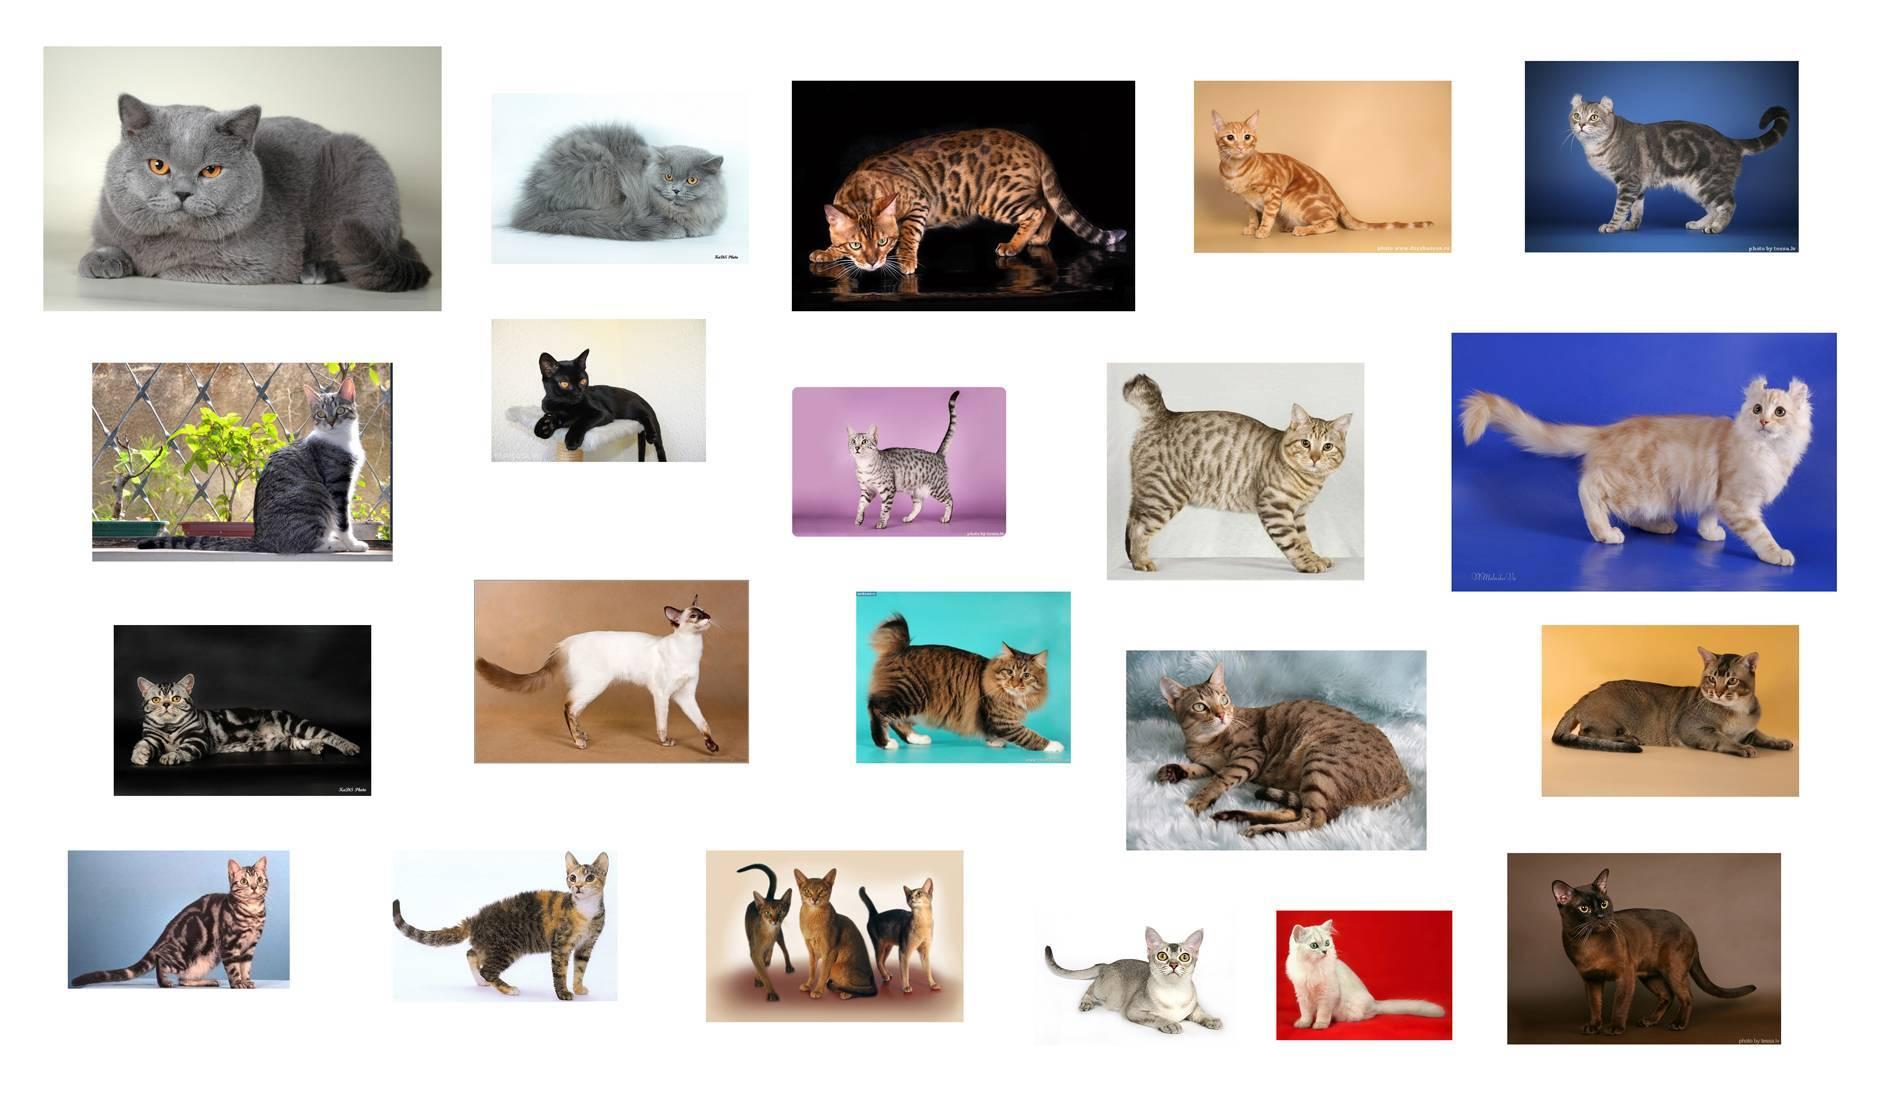 Как определить породу кошки по внешним признакам: окрас, особенности телосложения, фото